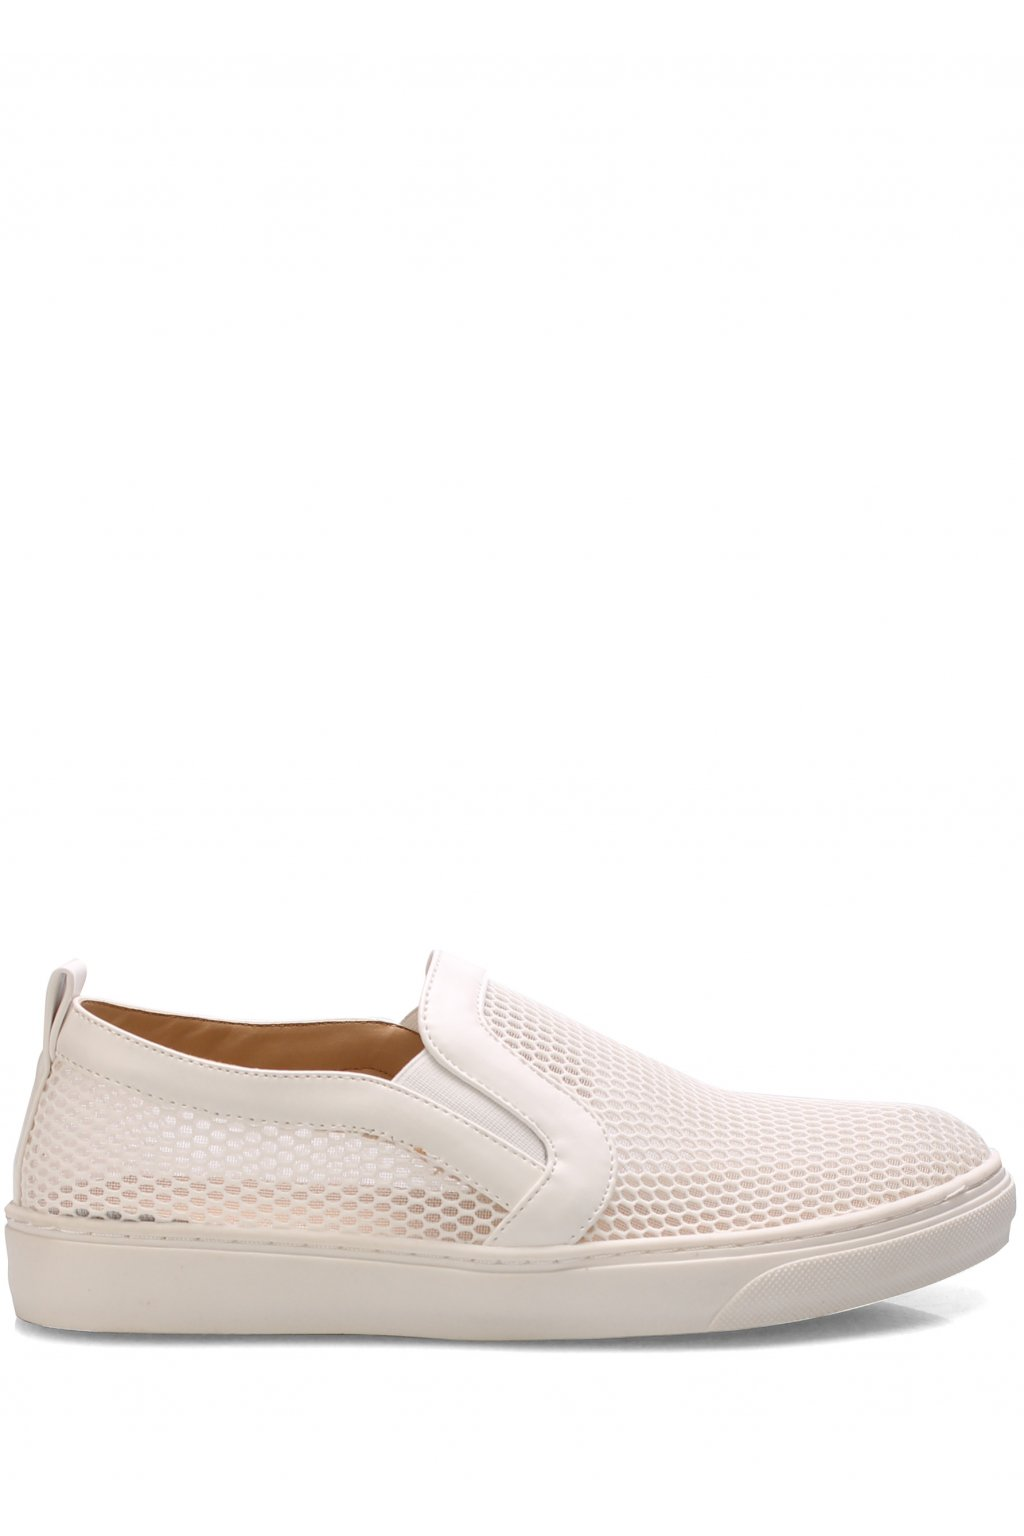 Bílé síťované nazouvací boty Trendy too